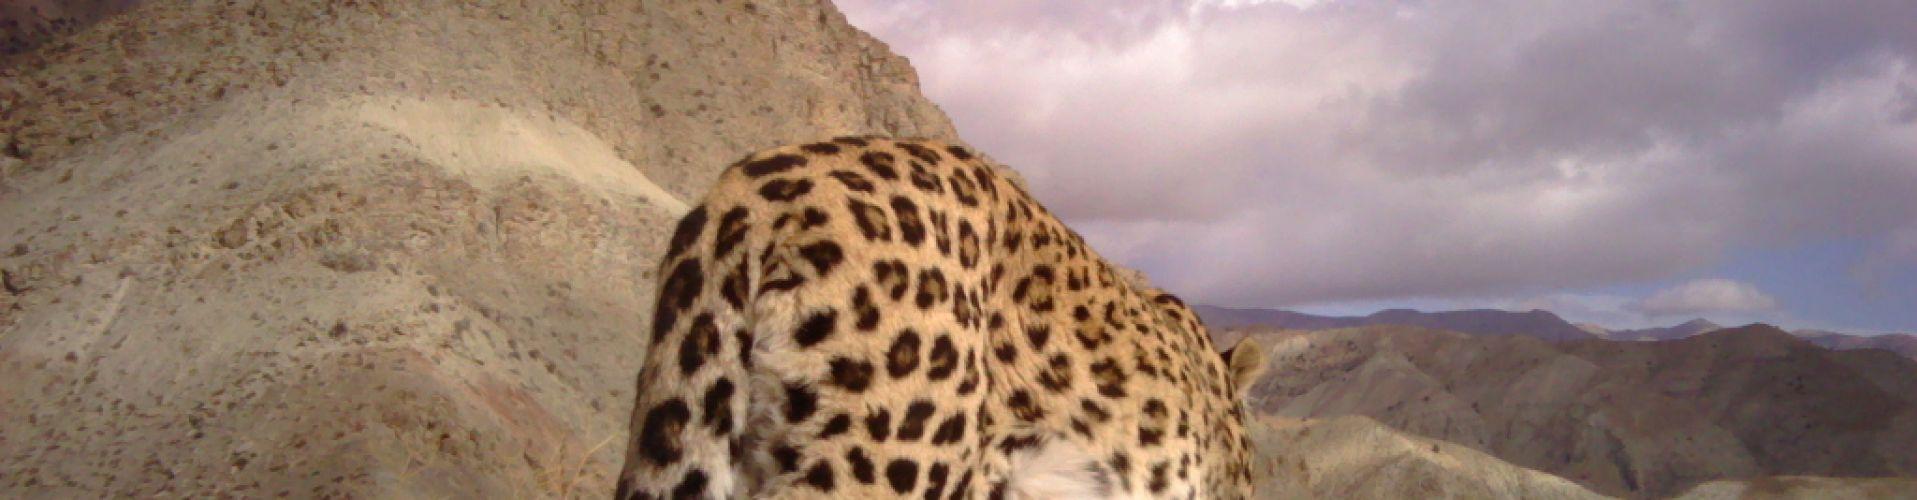 persischerleopard1